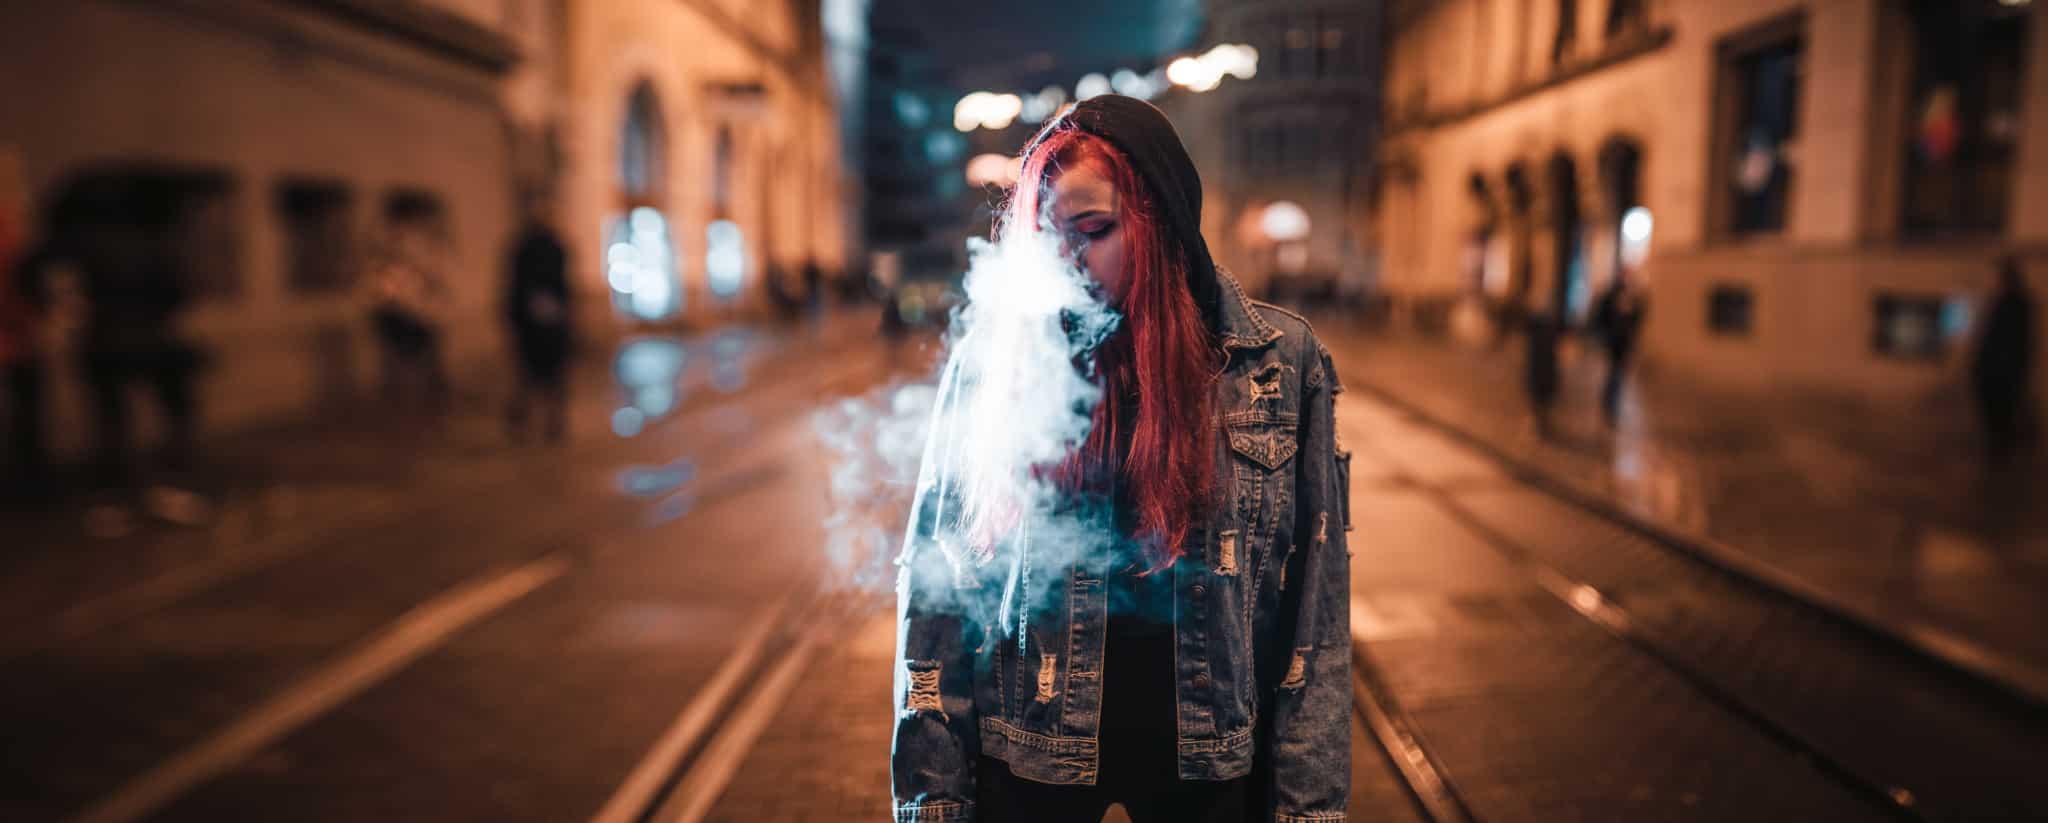 How Can You Get Stronger Bokeh? - smoke